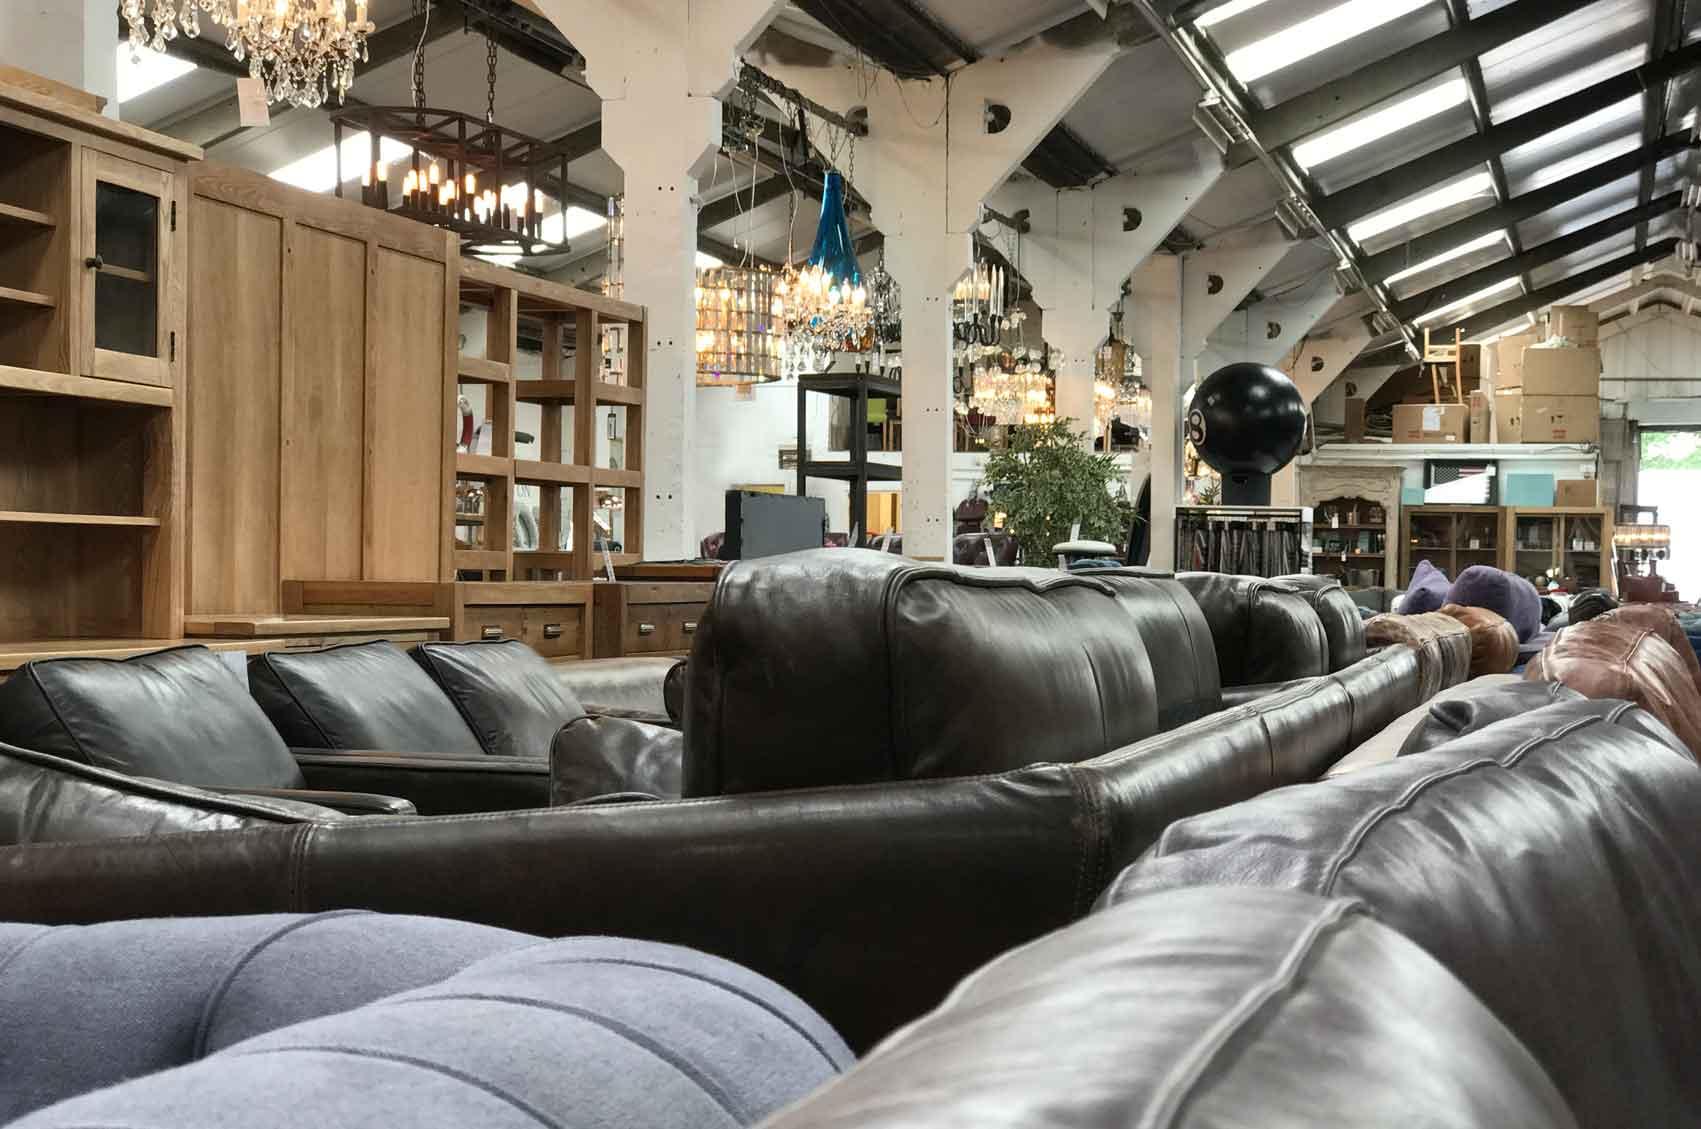 Top Secret Furniture Cheshire Furniture Outlet Discount Designer Brands